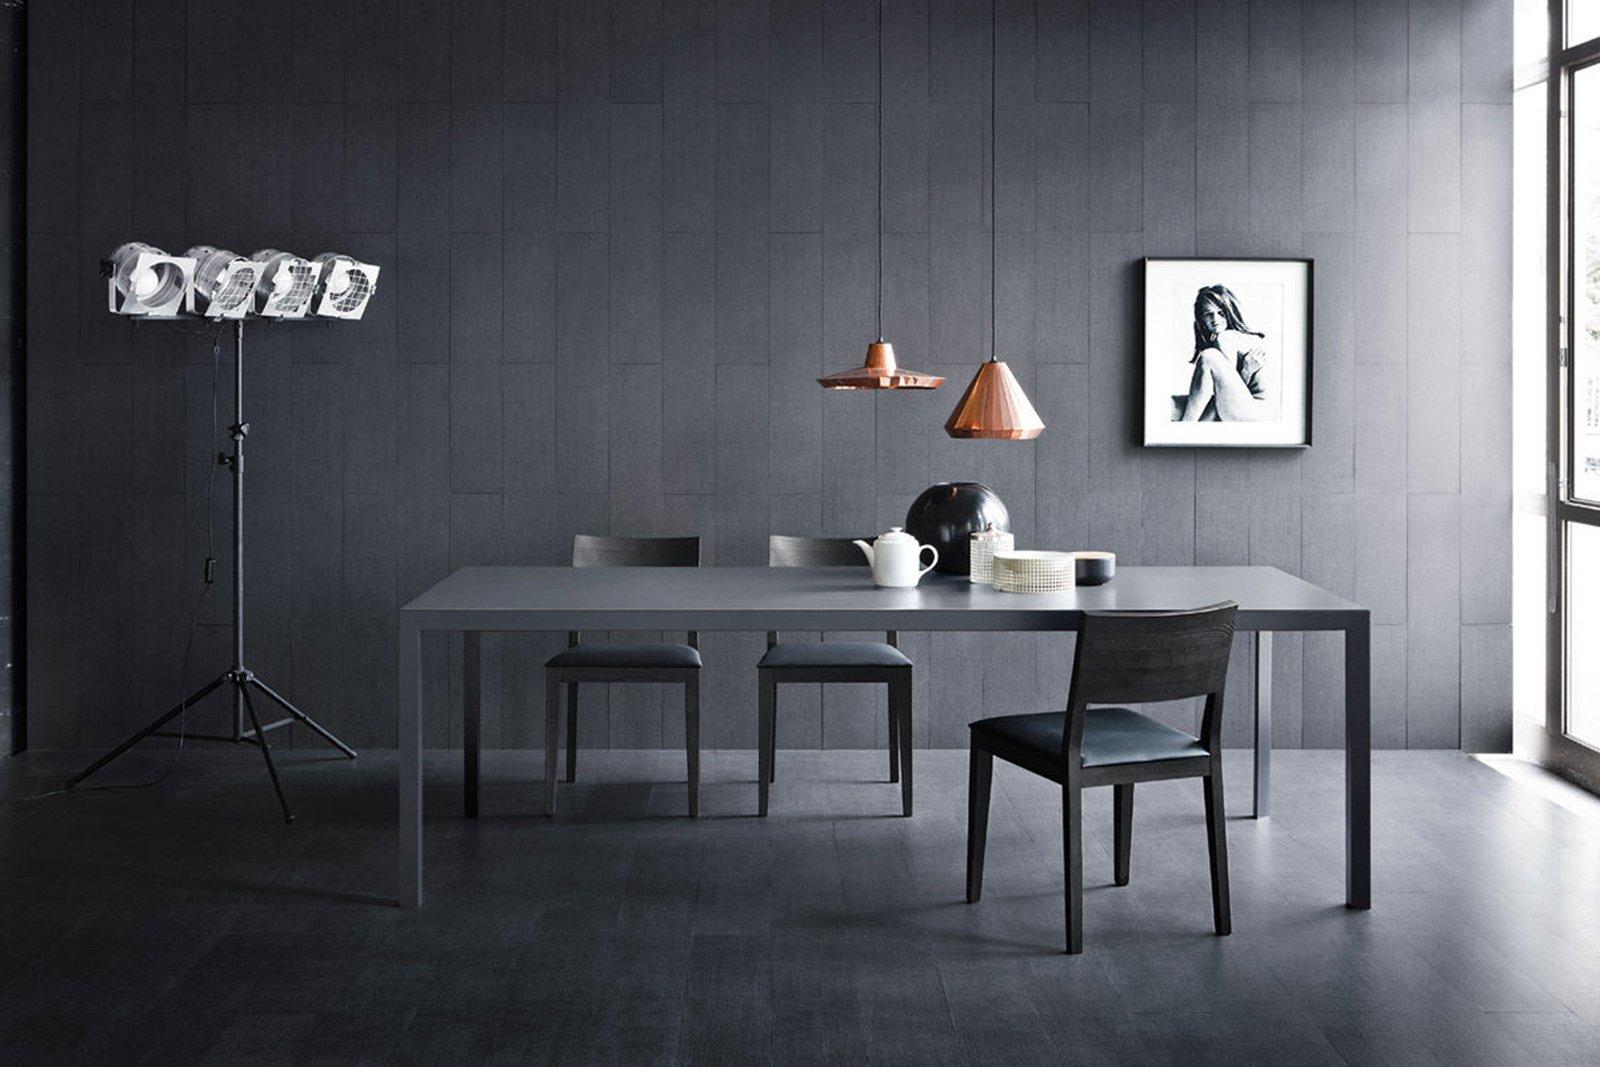 Design tavoli mini maxi cose di casa - Dimensioni tavolo biliardo casa ...